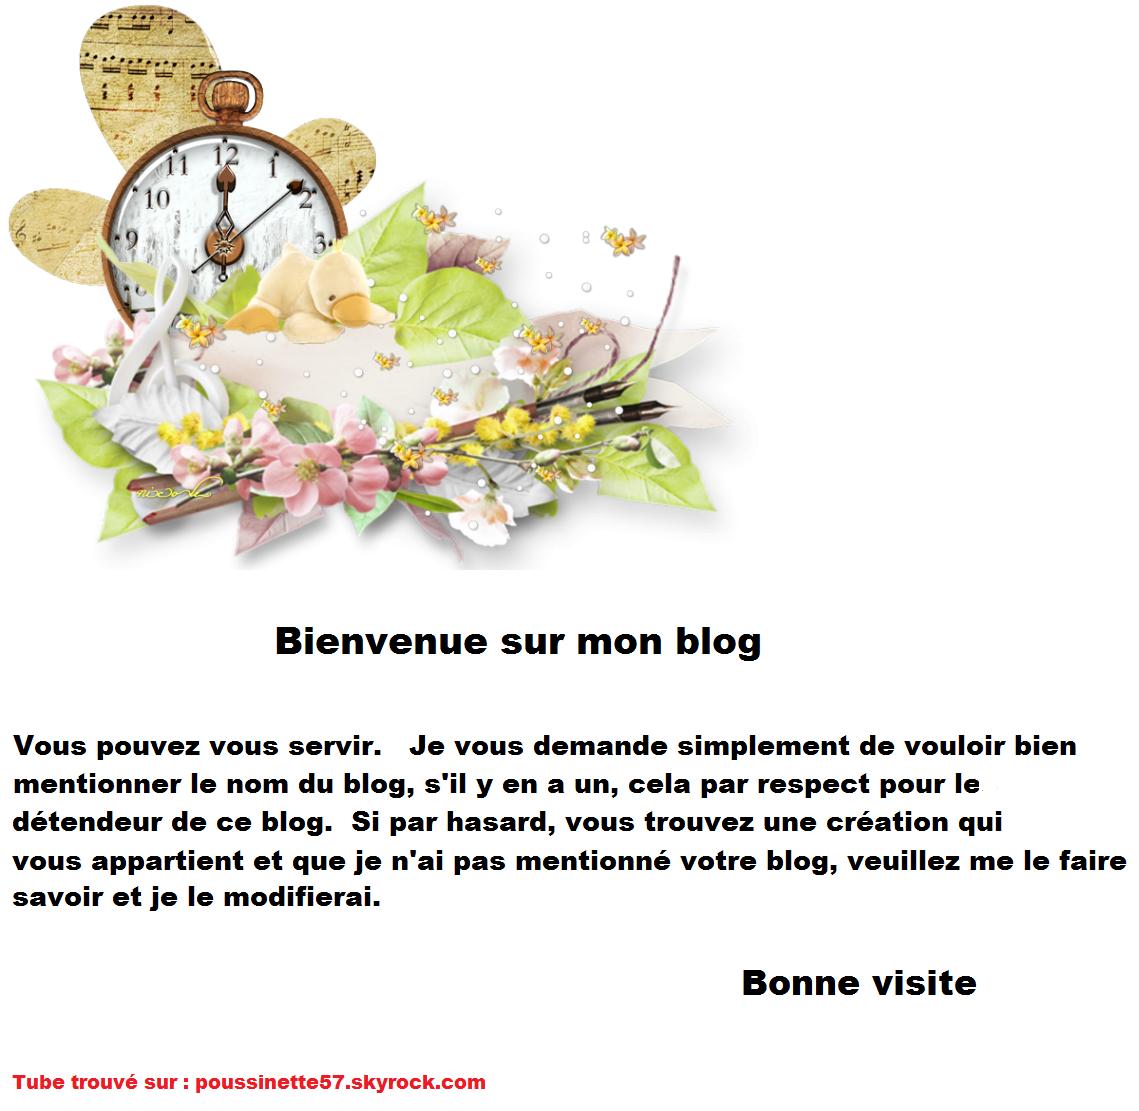 Poesie Maurice Careme Rencontre Printemps – Ecoappalti.it encequiconcerne Mars De Maurice Careme A Imprimer